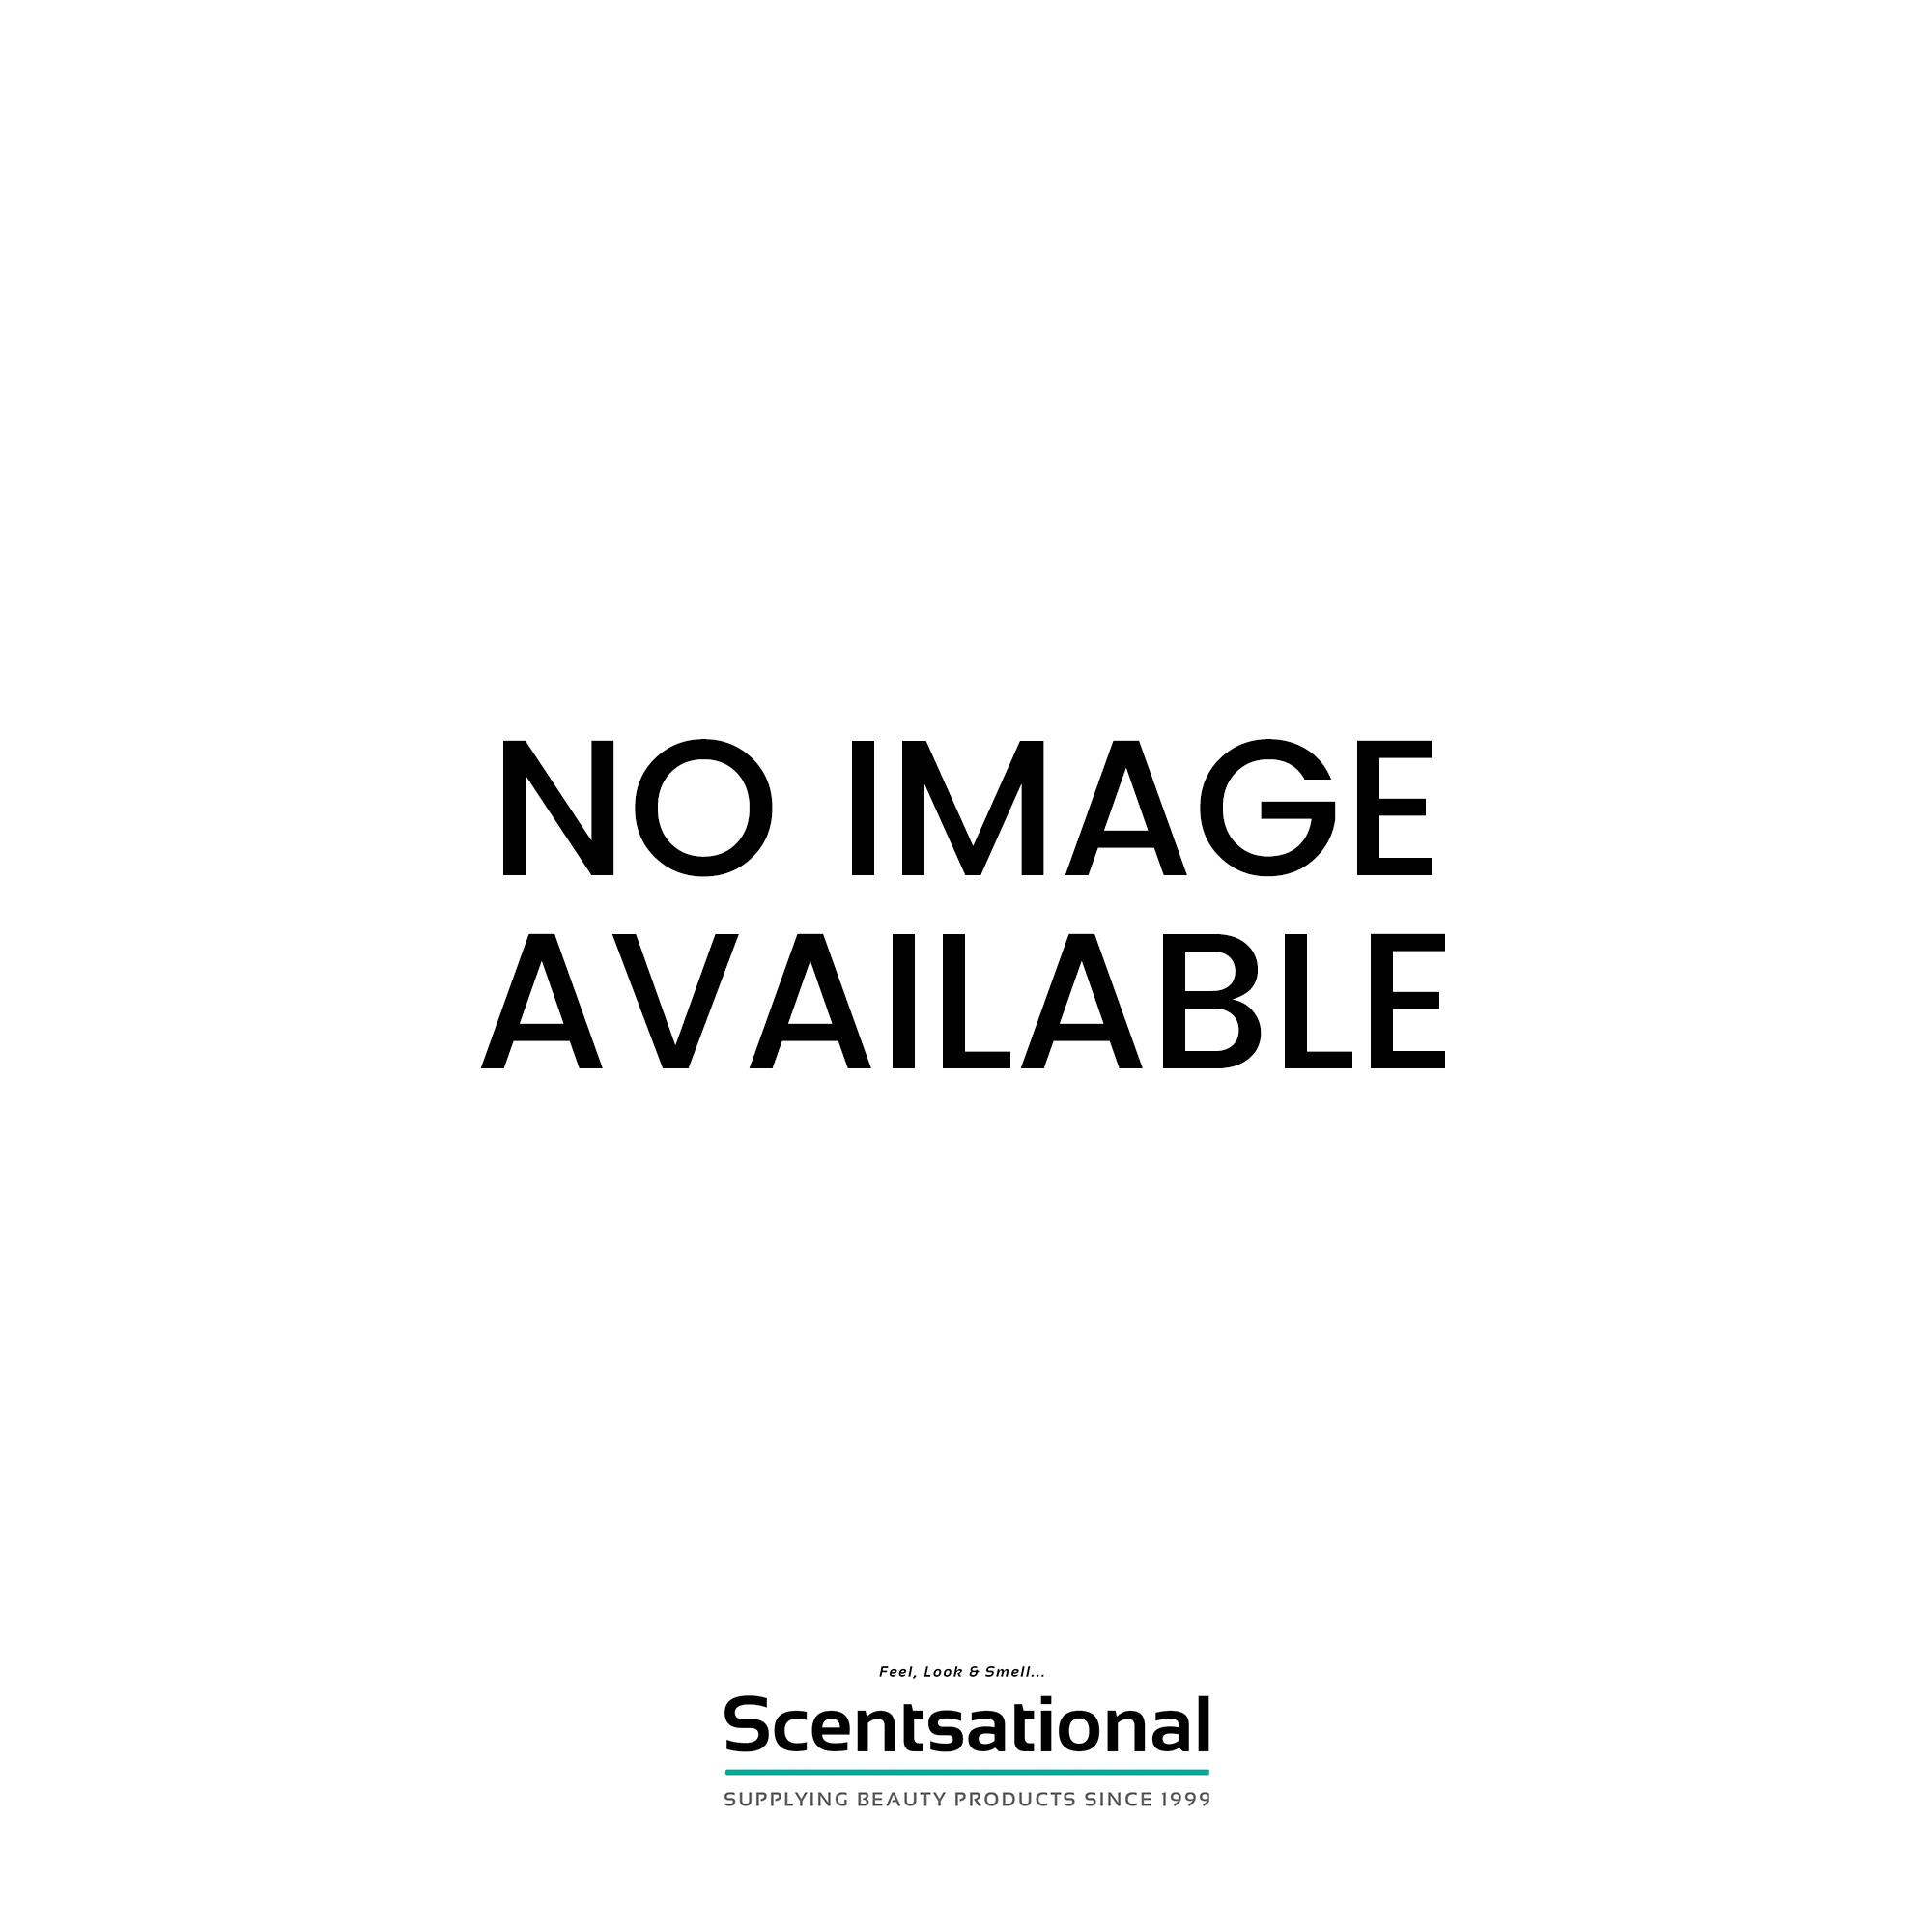 J Lo Live - 200ml Perfumed Shower Gel, Damaged.